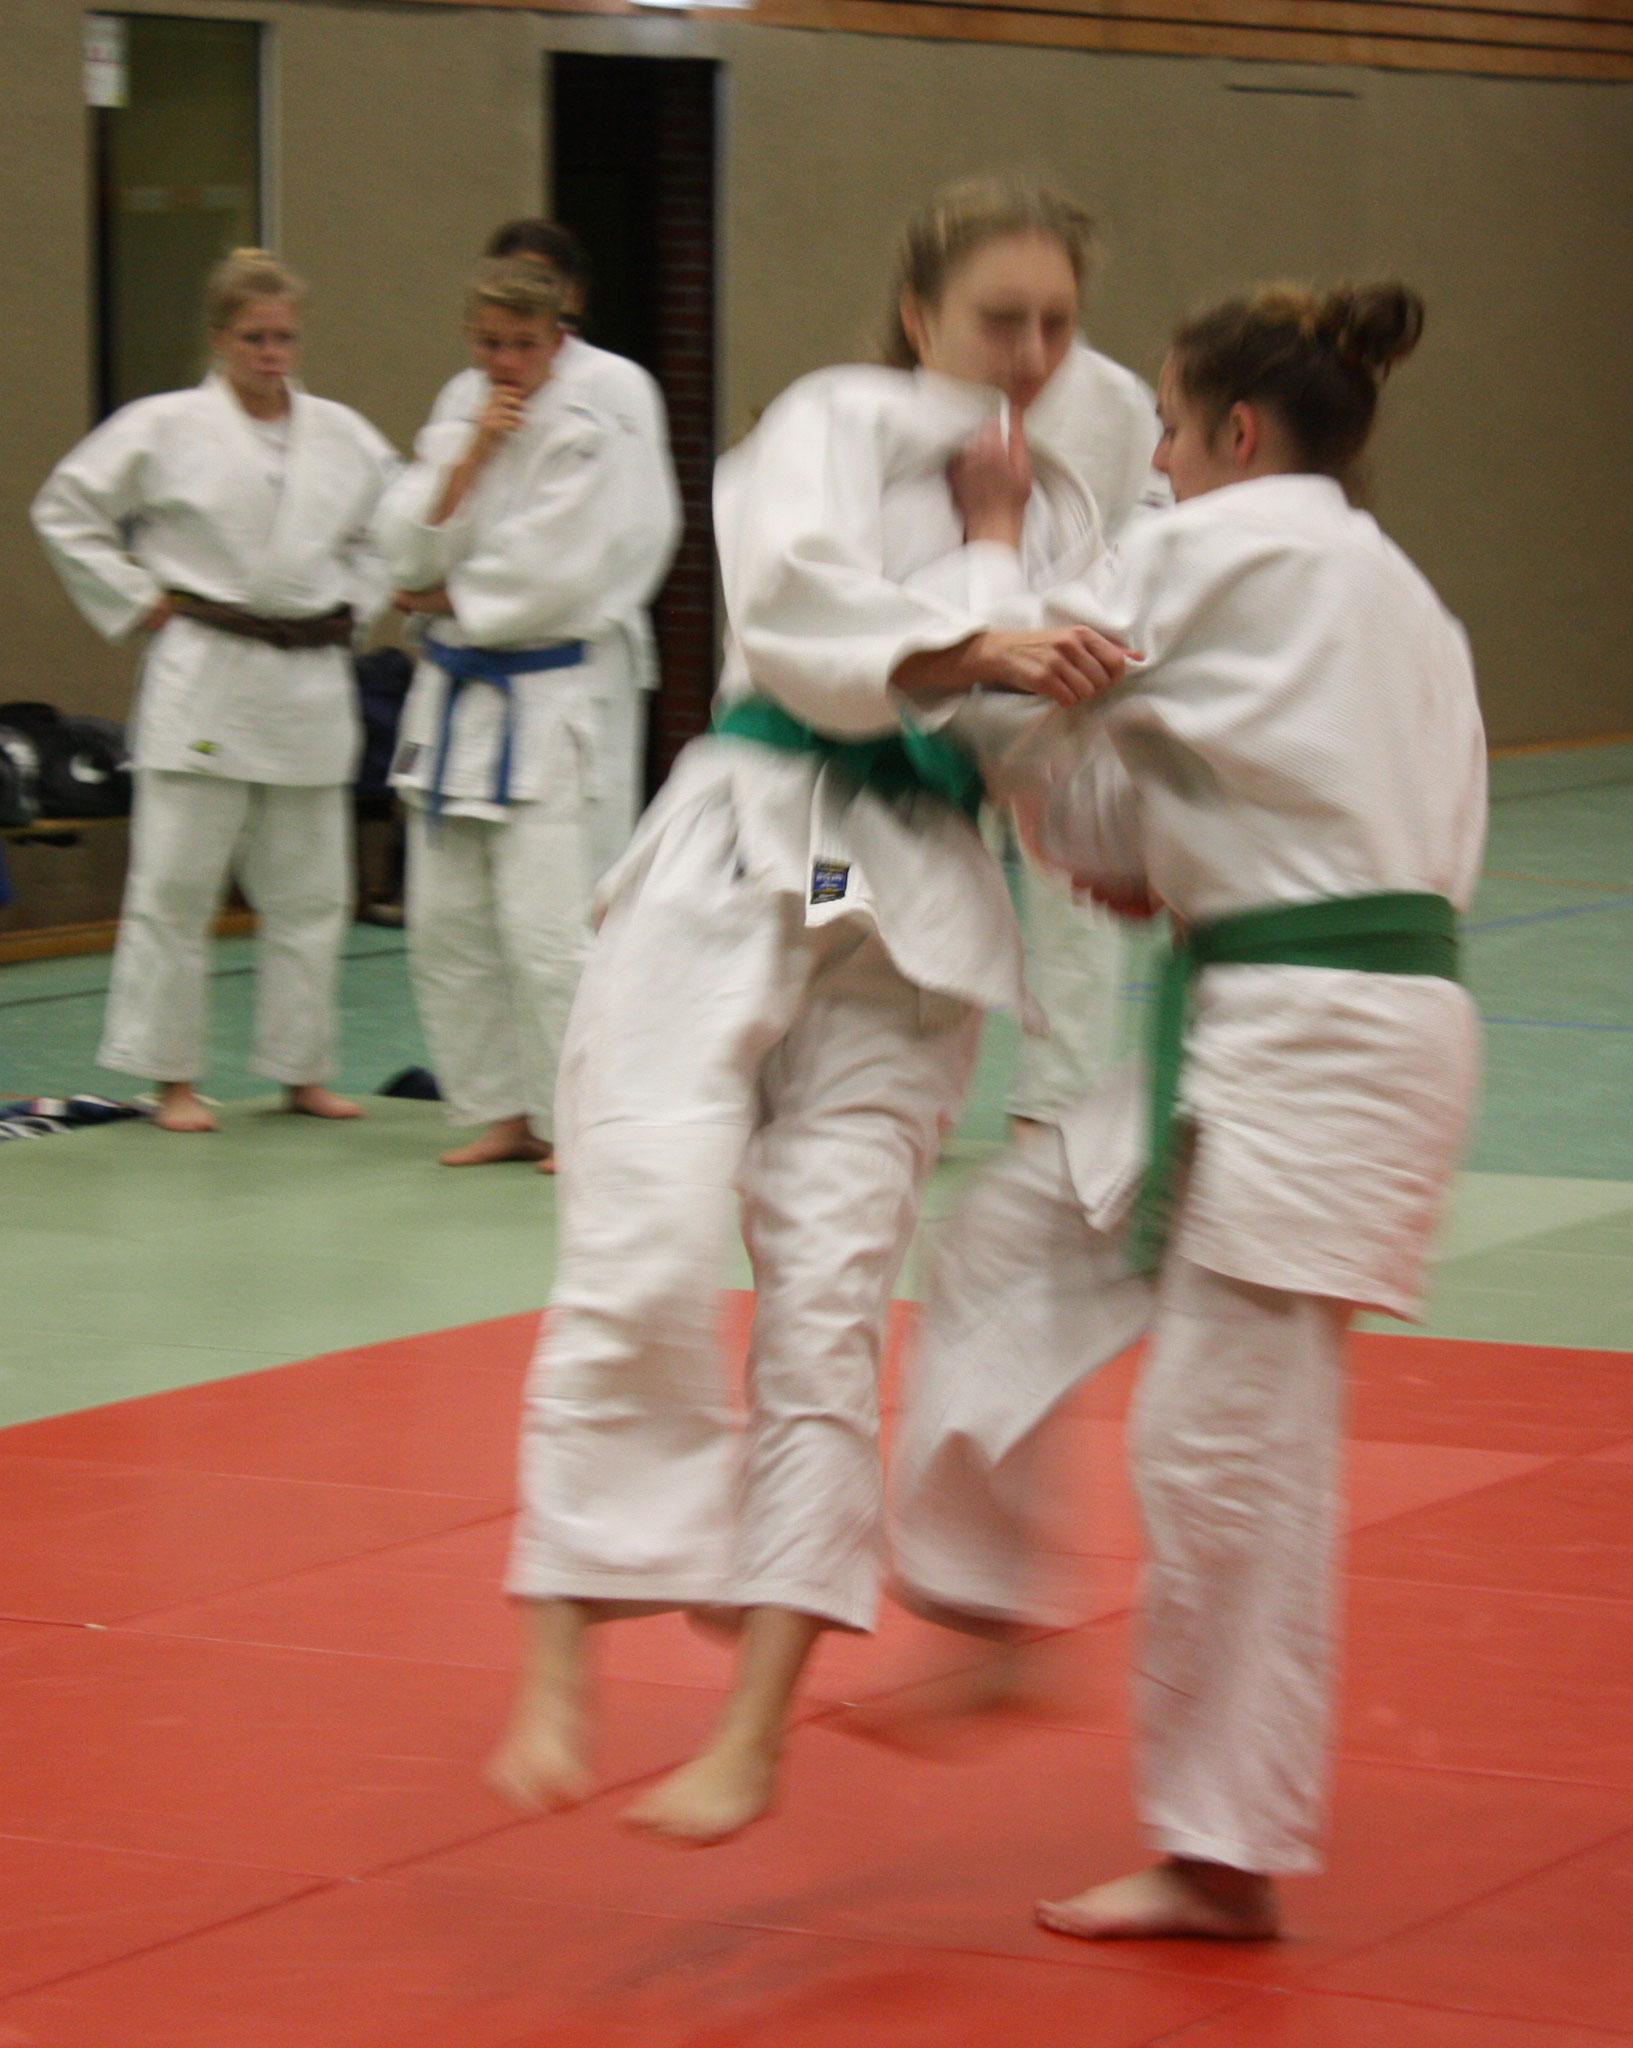 Michelle Koschel wirft Ihre Partnerin in der Kata mit einem Fußwurf.